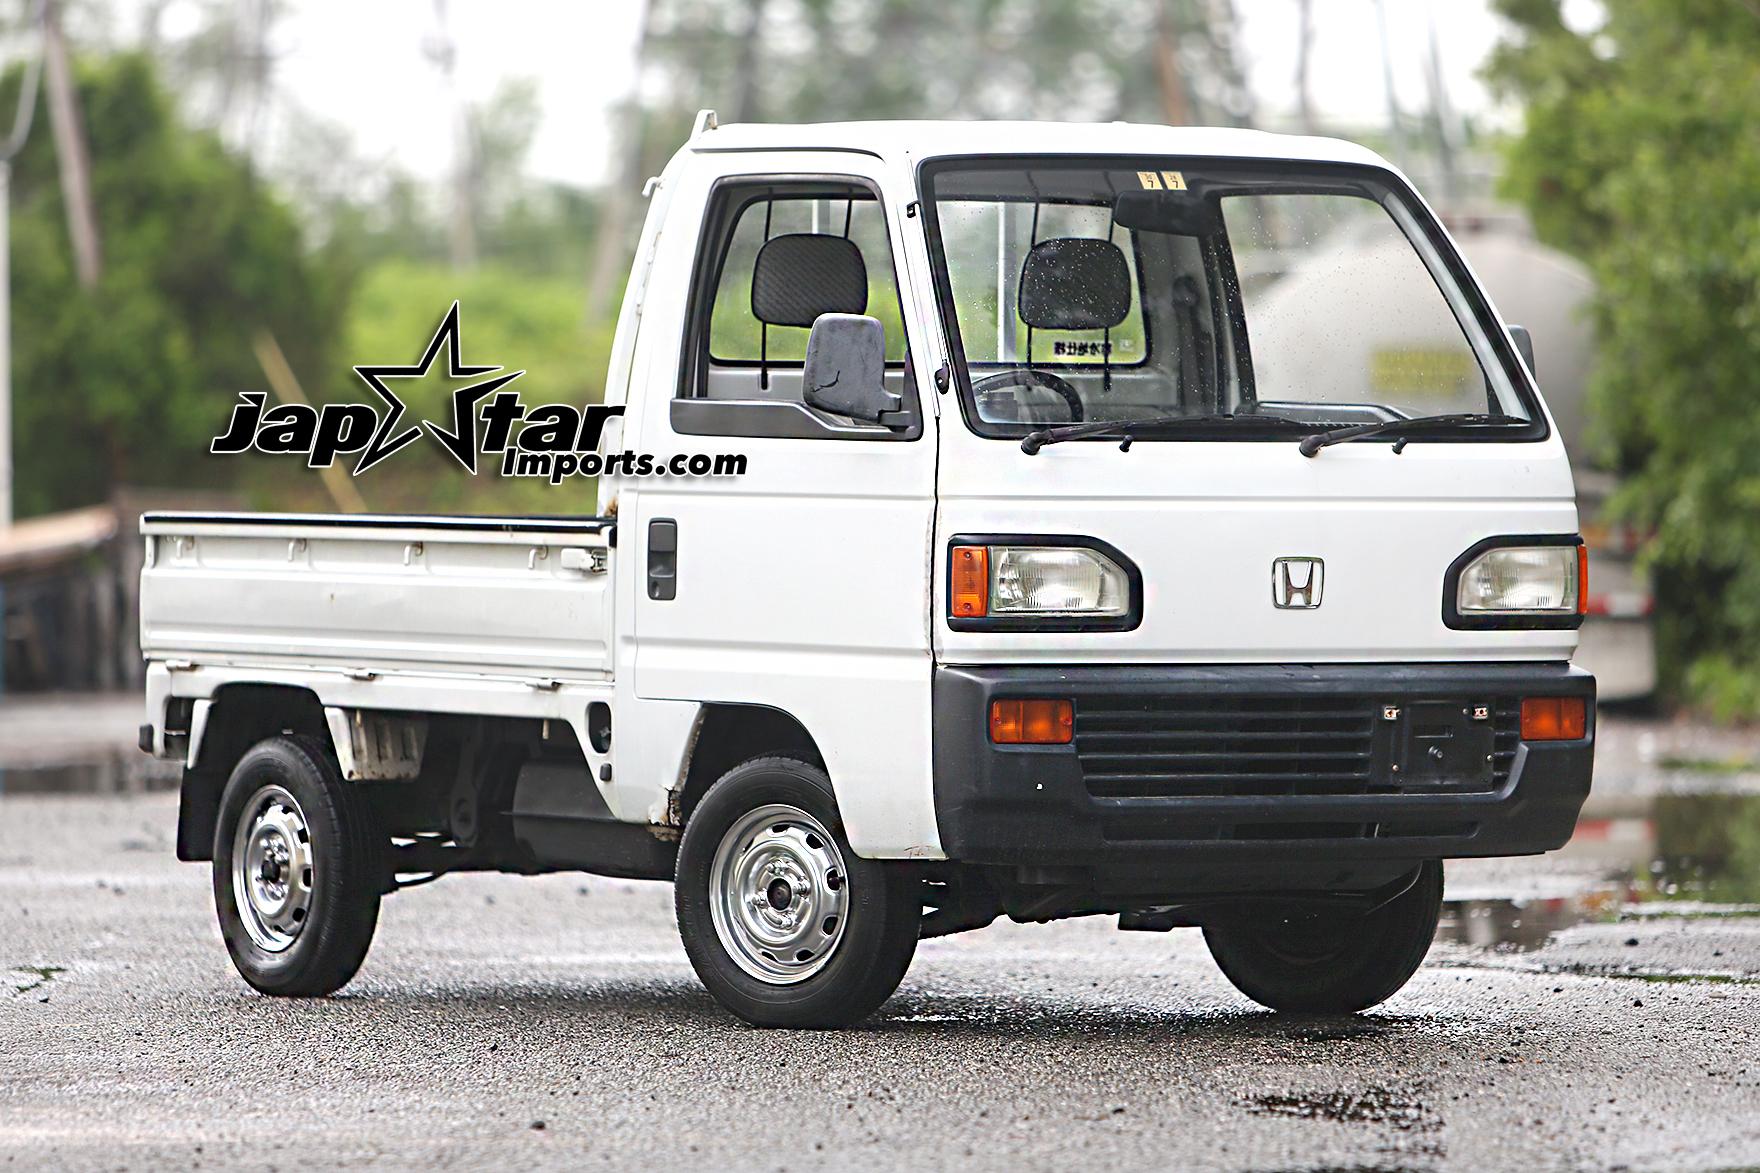 1991 Honda ACTY ATACK 4WD - $5,500